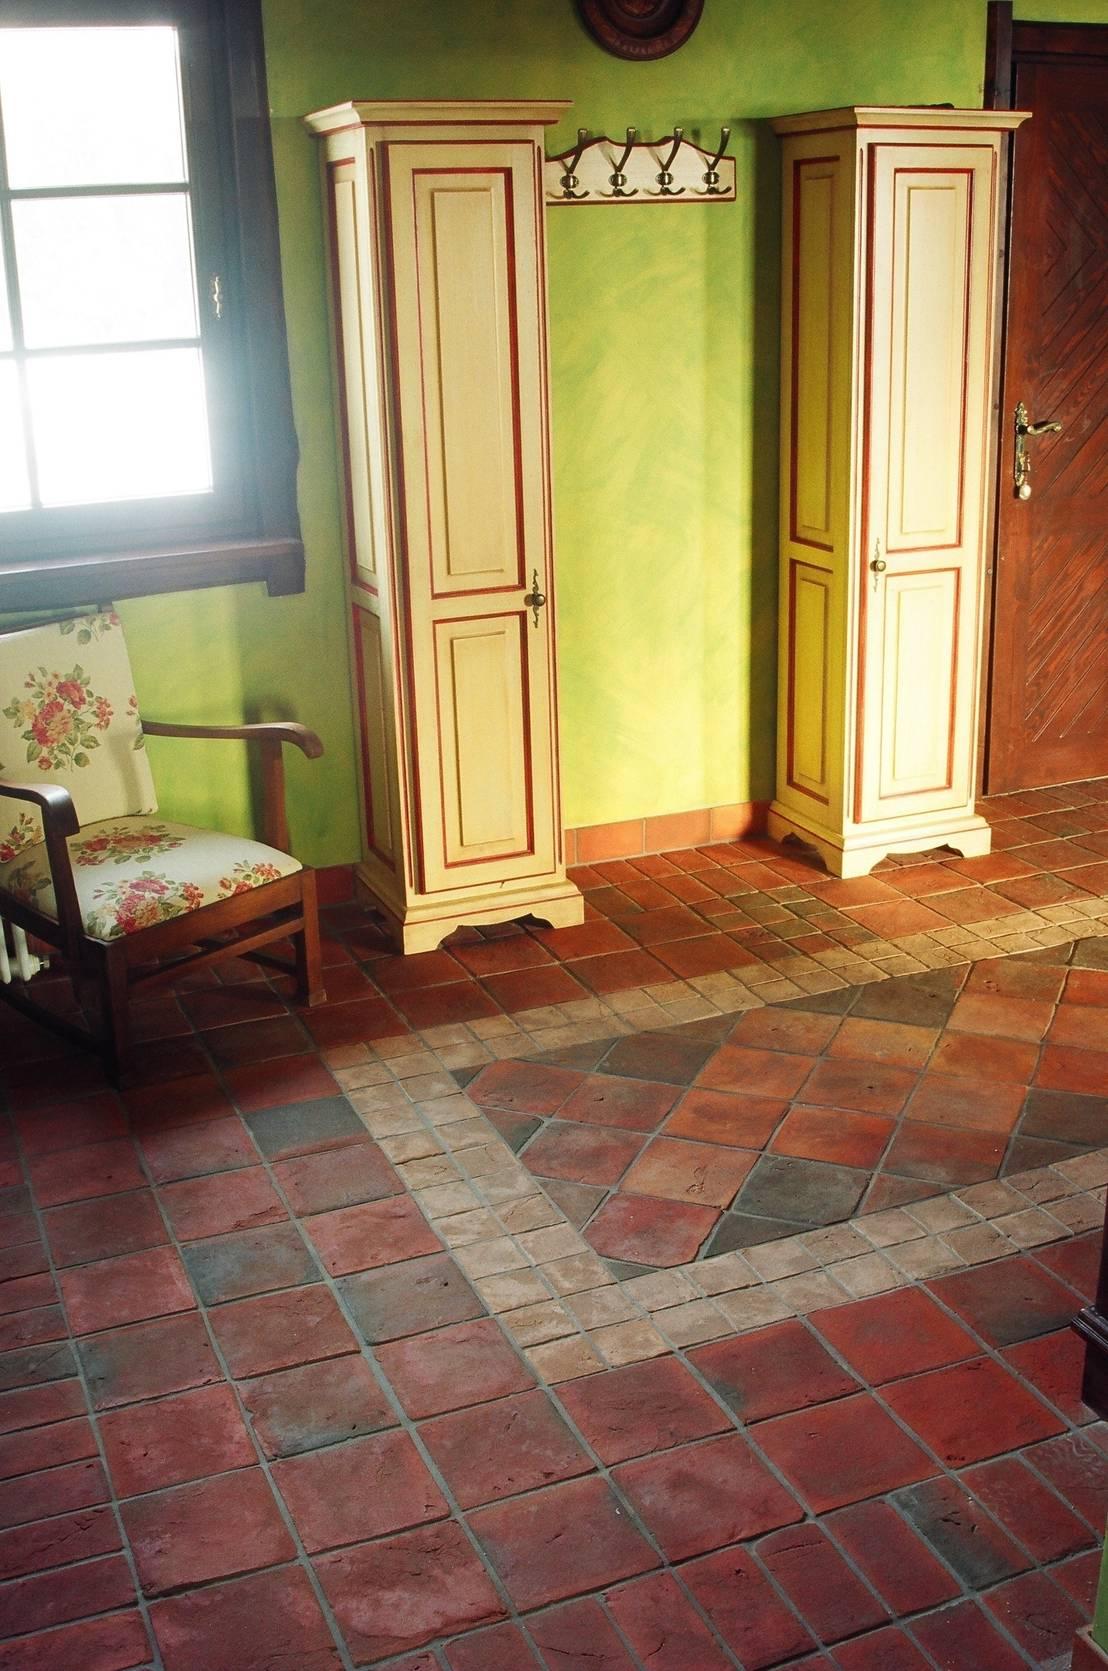 Groovy Rustykalne podłogi z cegły i terakoty, profesjonalista: Rogiński JD83